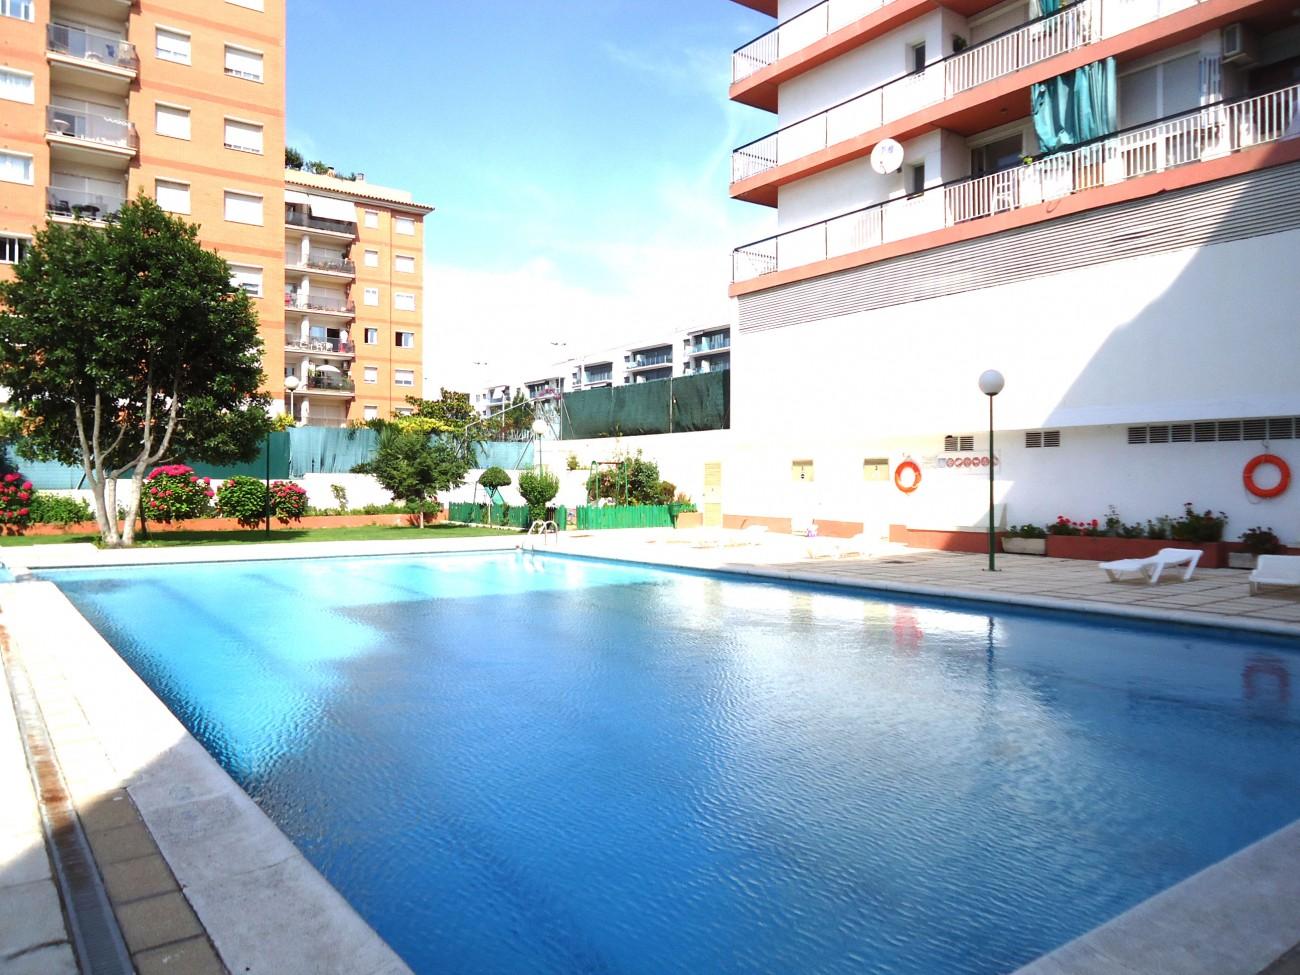 Ferienhaus 228-Paradise 107 2D ST Spanien - Katalonien - Lloret de Mar